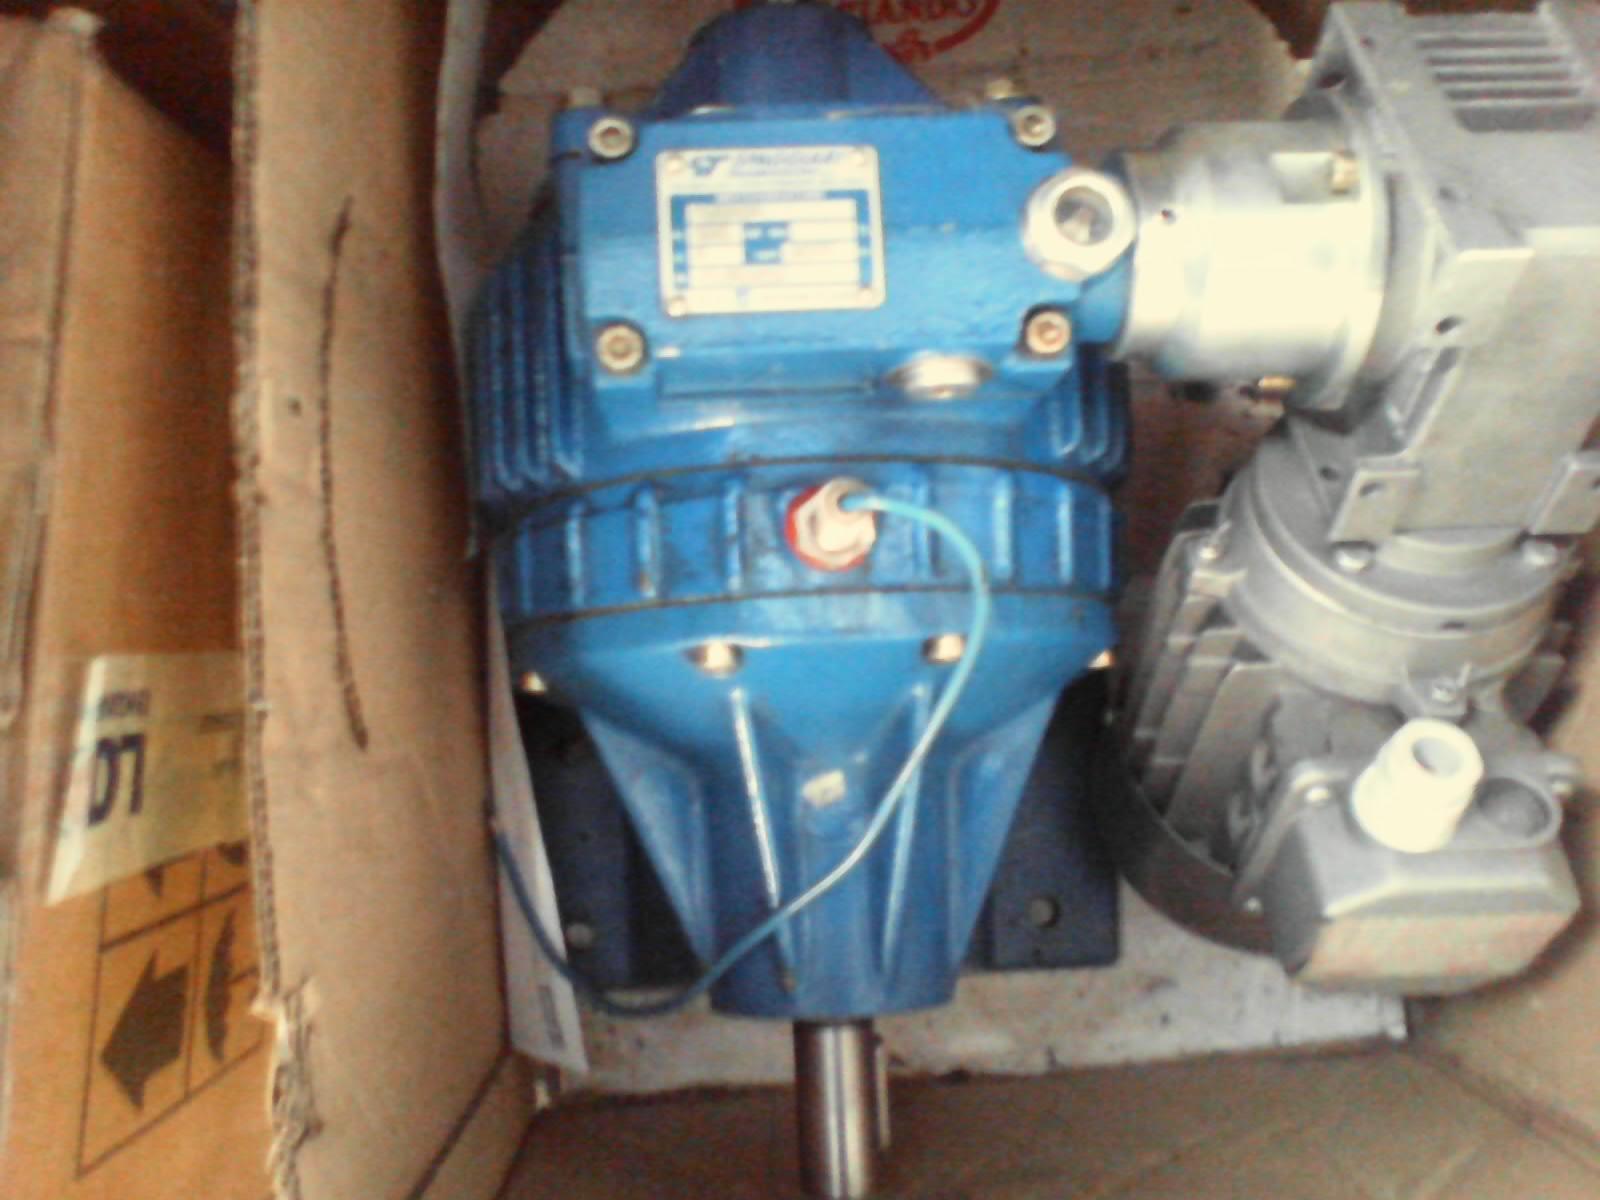 Miglior prezzo Motoriduttore Spaggiari STD010 combo con motore e VSF da 0,15hp -